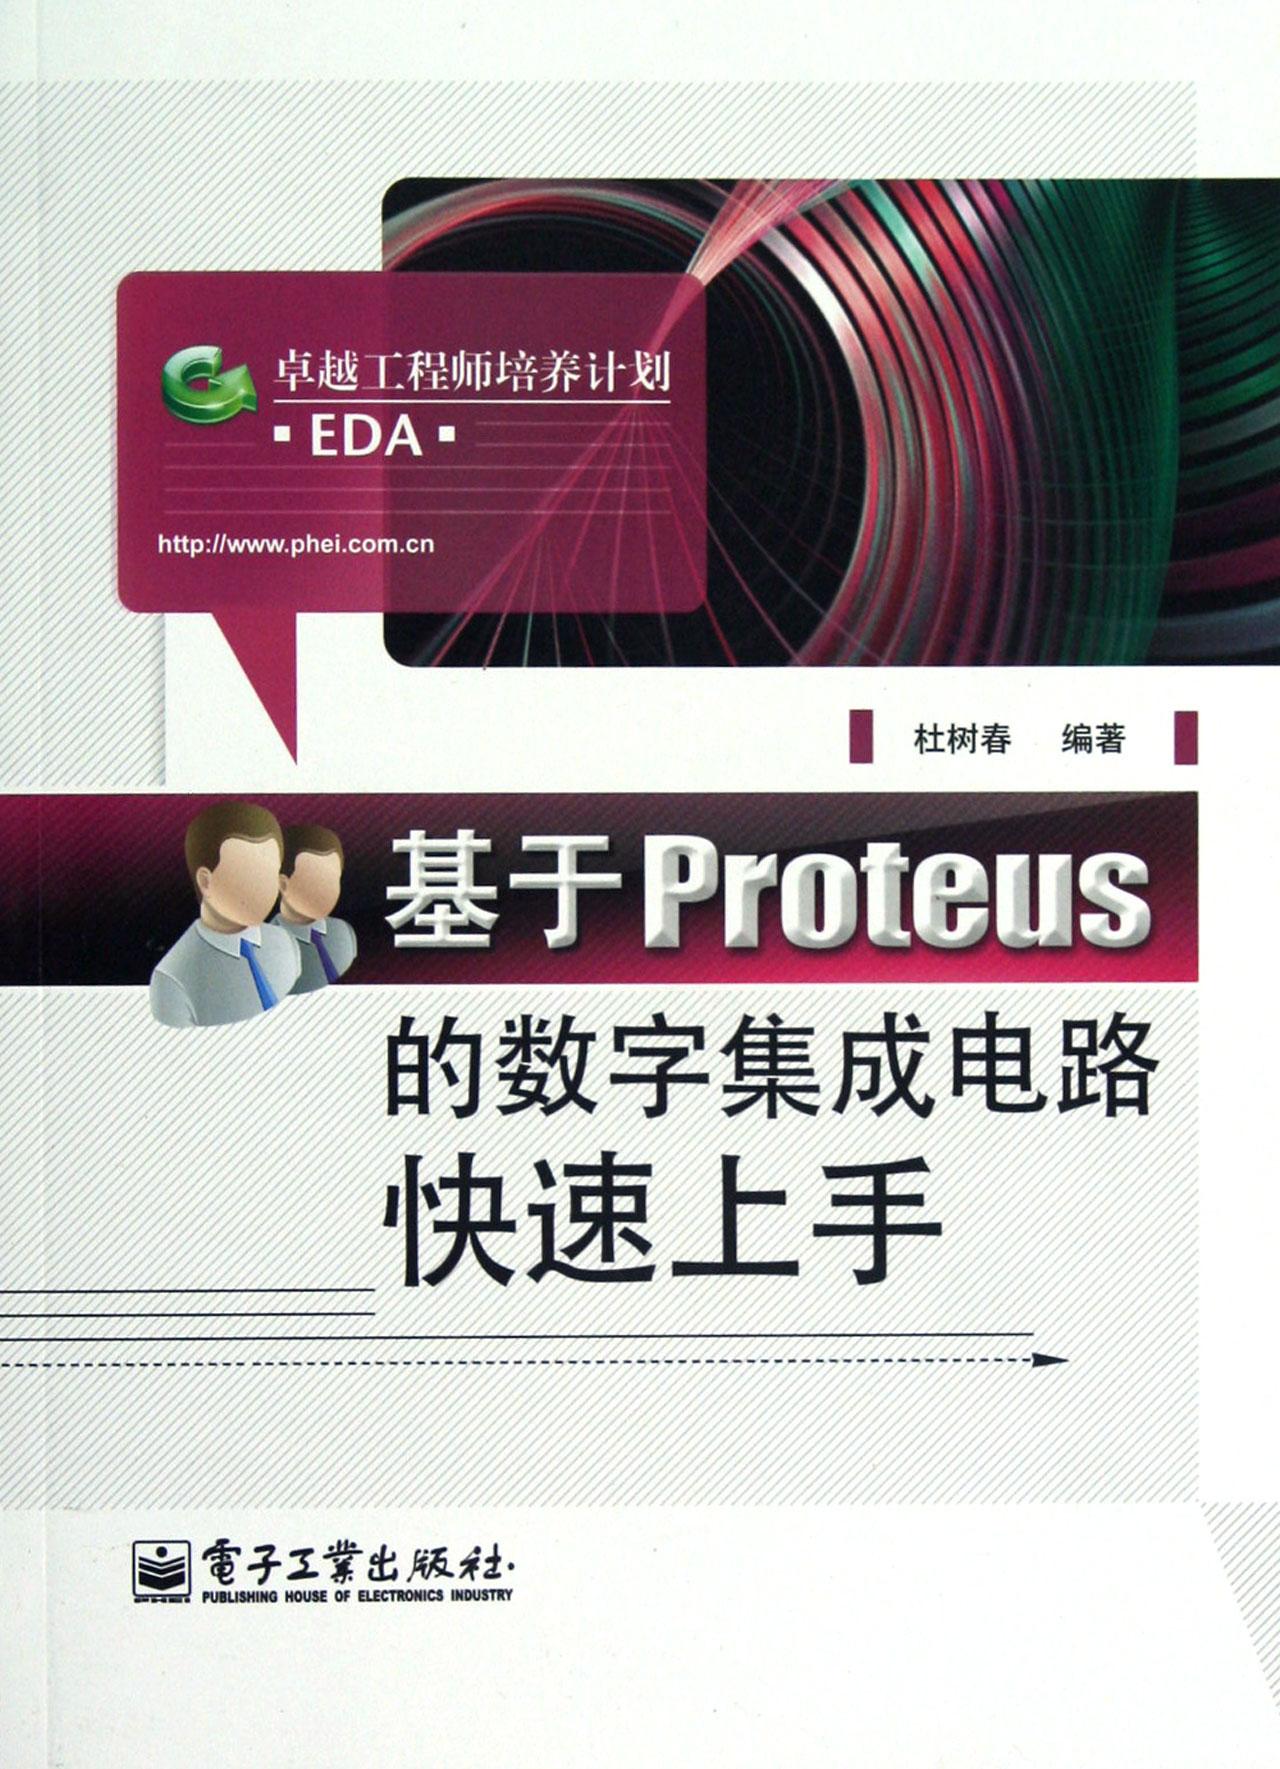 第1章 集成电路的基础知识 1.1 数制和码制 1.2 3种基本门电路 1.3 常用的复合门电路 1.4 基本逻辑门电路 1.5 三态输出门、集电极开路门与漏极开路门 1.6 数字集成电路的主要种类和型号 1.7 数字集成电路的参数 1.8 习题 第2章 Proteus软件用法 2.1 进入Proteus ISIS 2.2 Proteus ISIS工作界面 2.